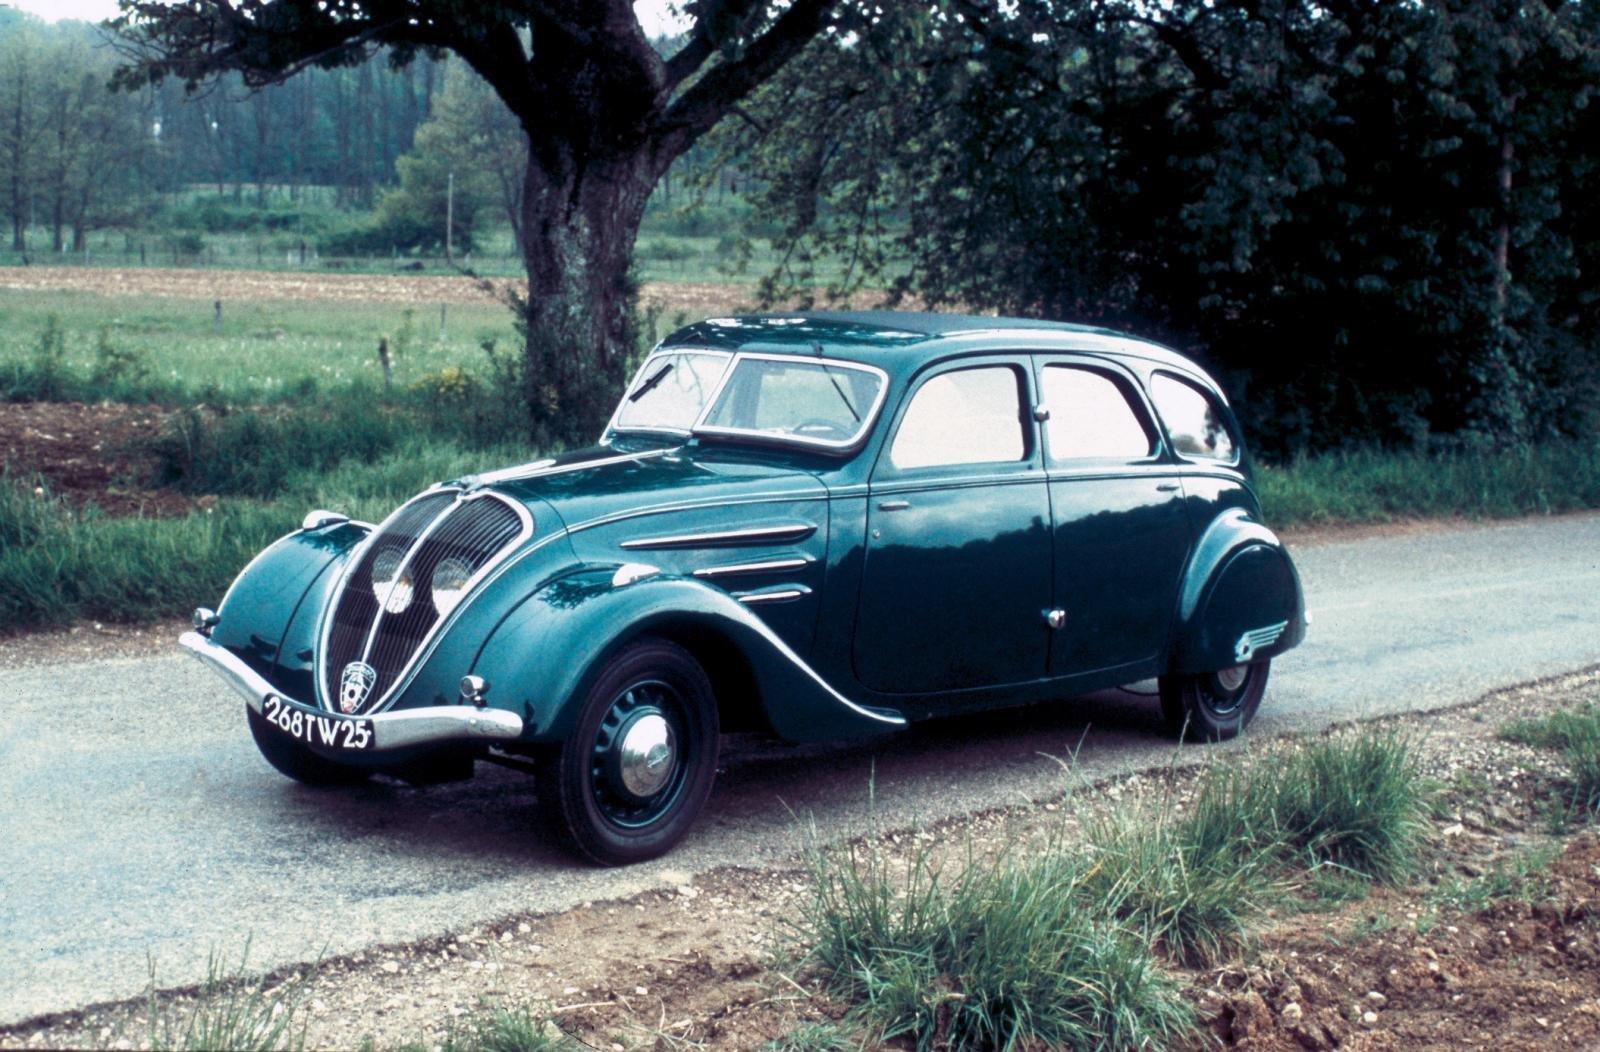 Peugeot 402 là mẫu xe sang đầu tiên mà Peugeot sản xuất.